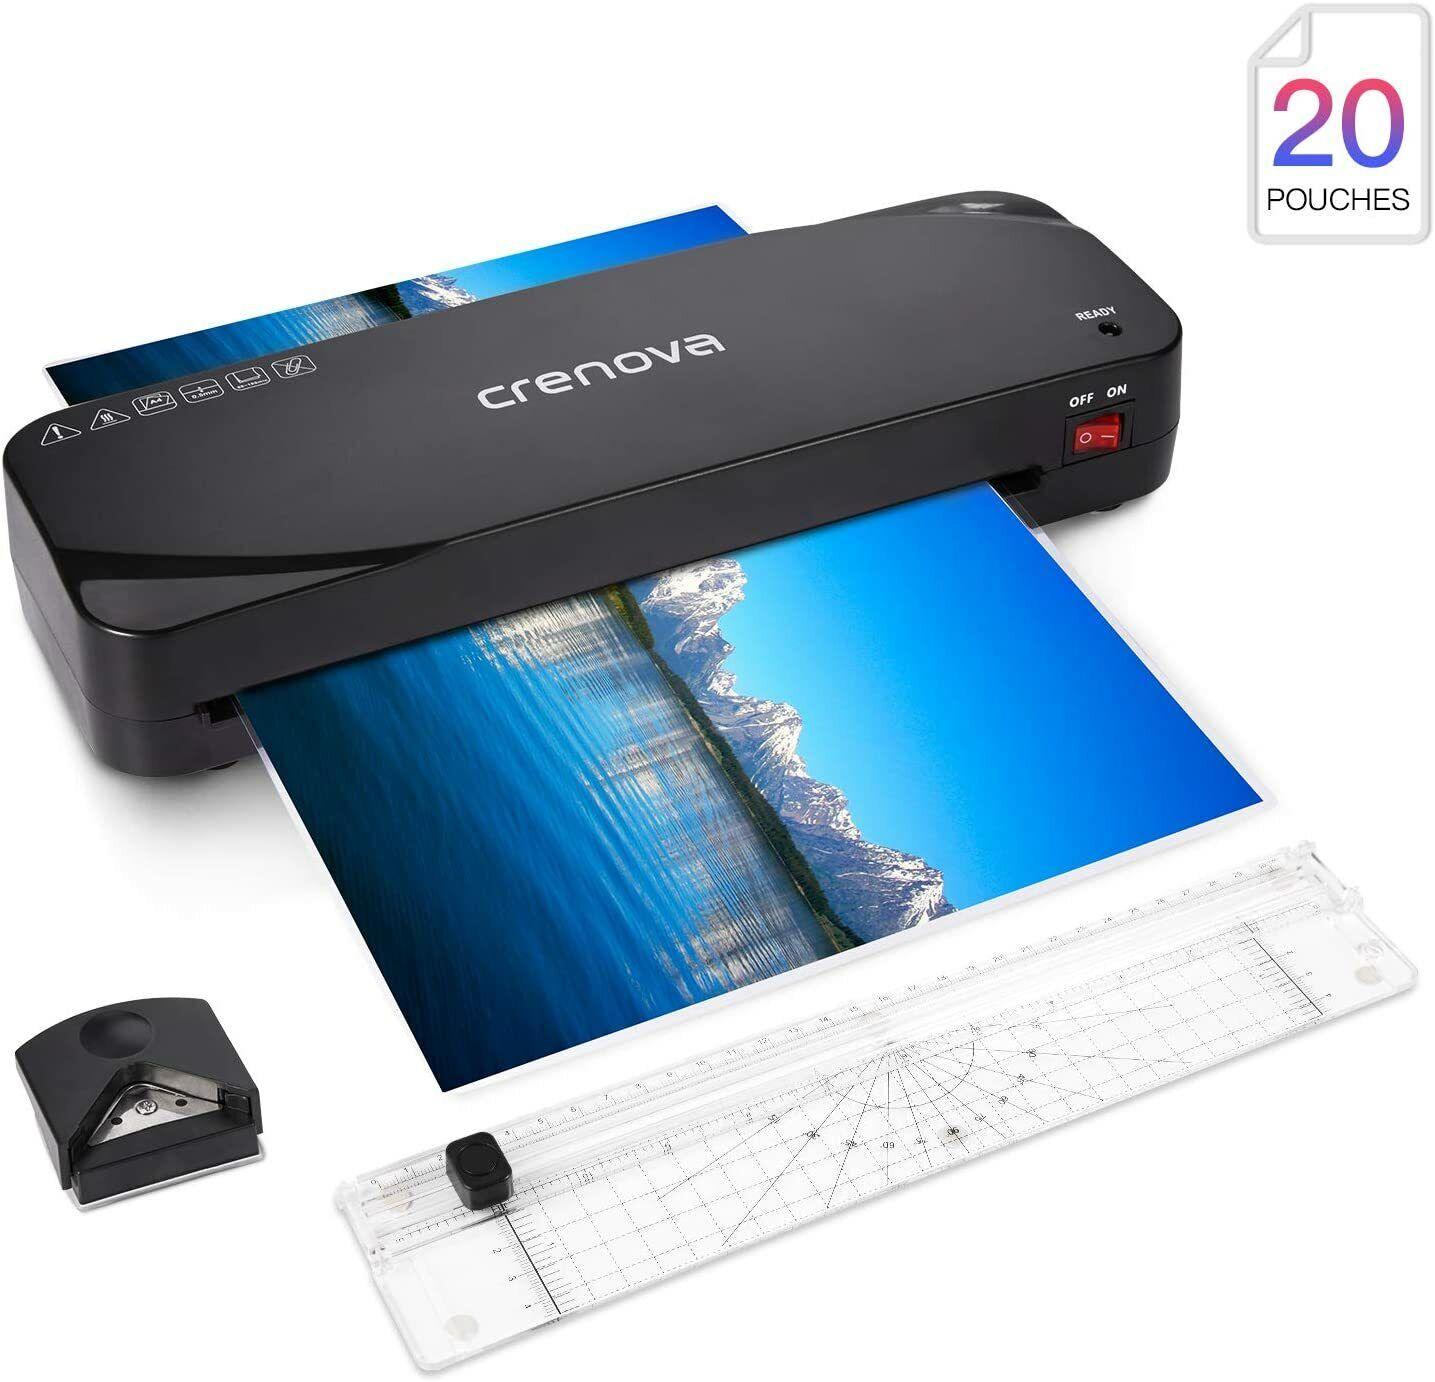 Crenova A4 Laminator Machine + 20 Pouches, Paper Trimmer, Co